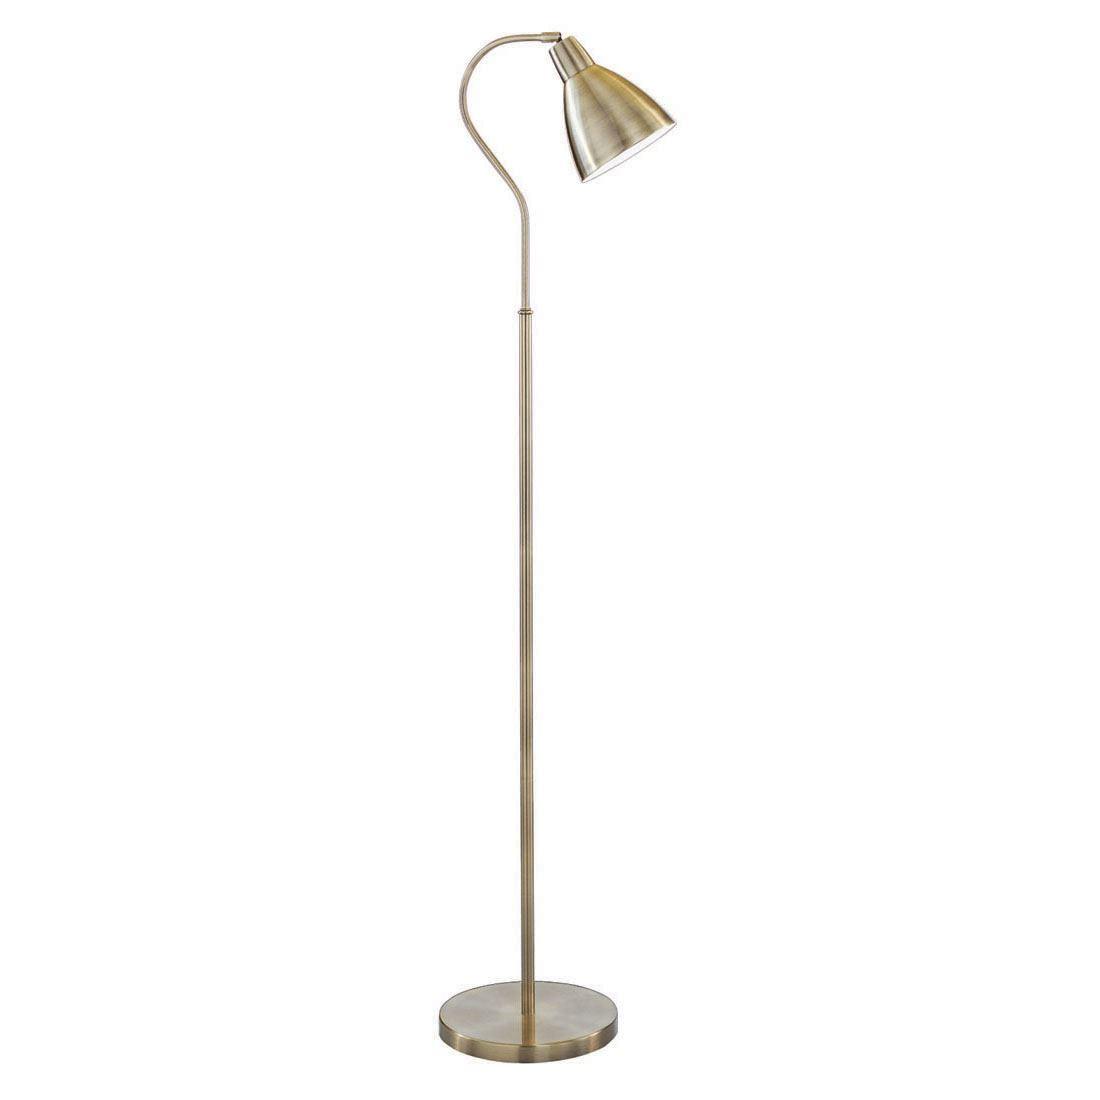 Adjustable Floor Lamp - Antique Brass